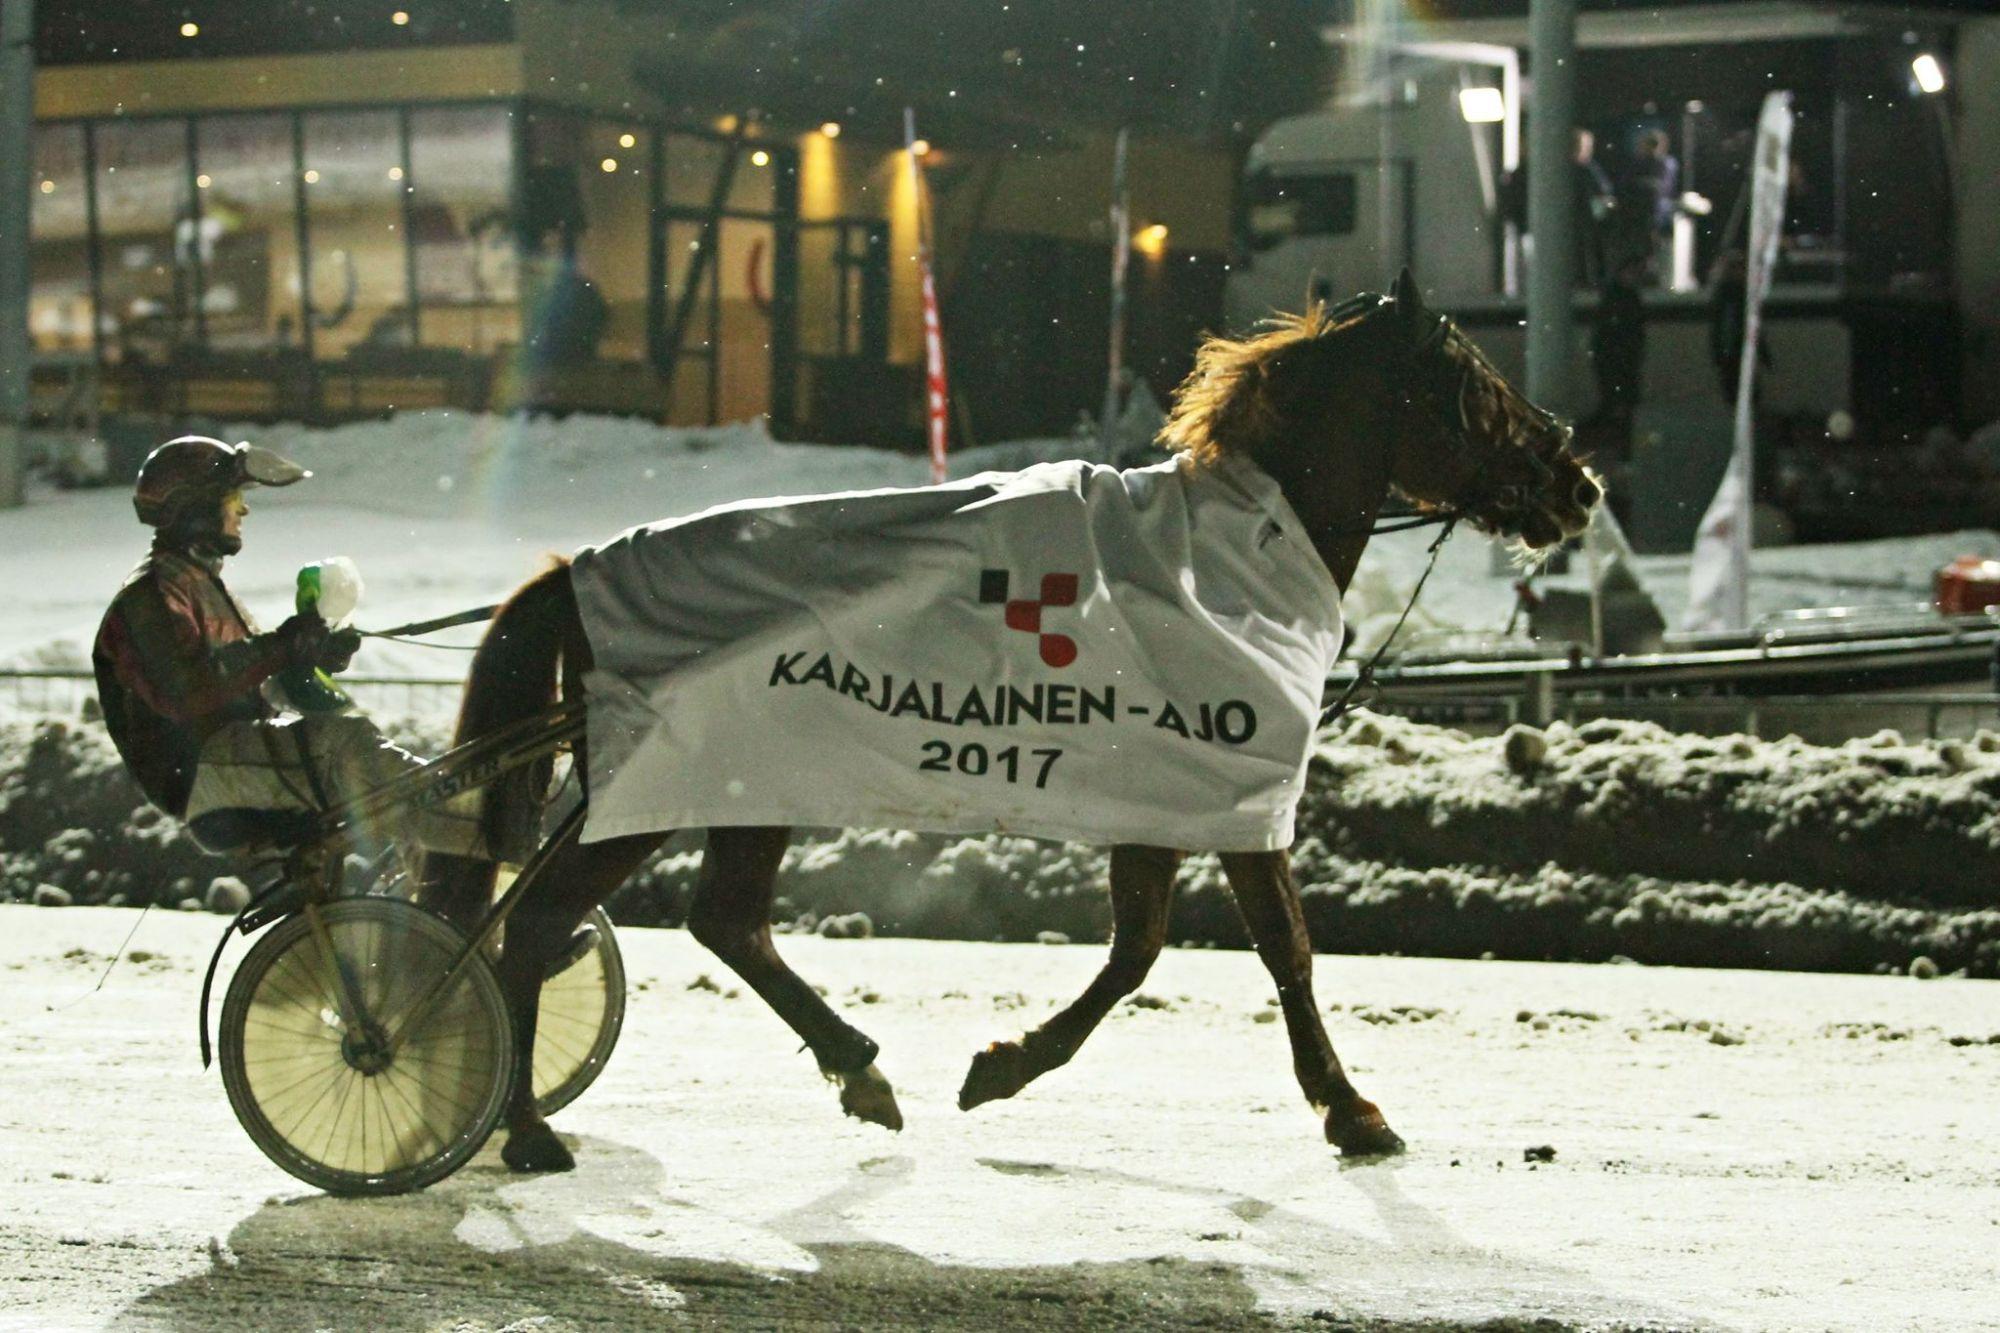 Karjalainen-ajo 2017, Camri